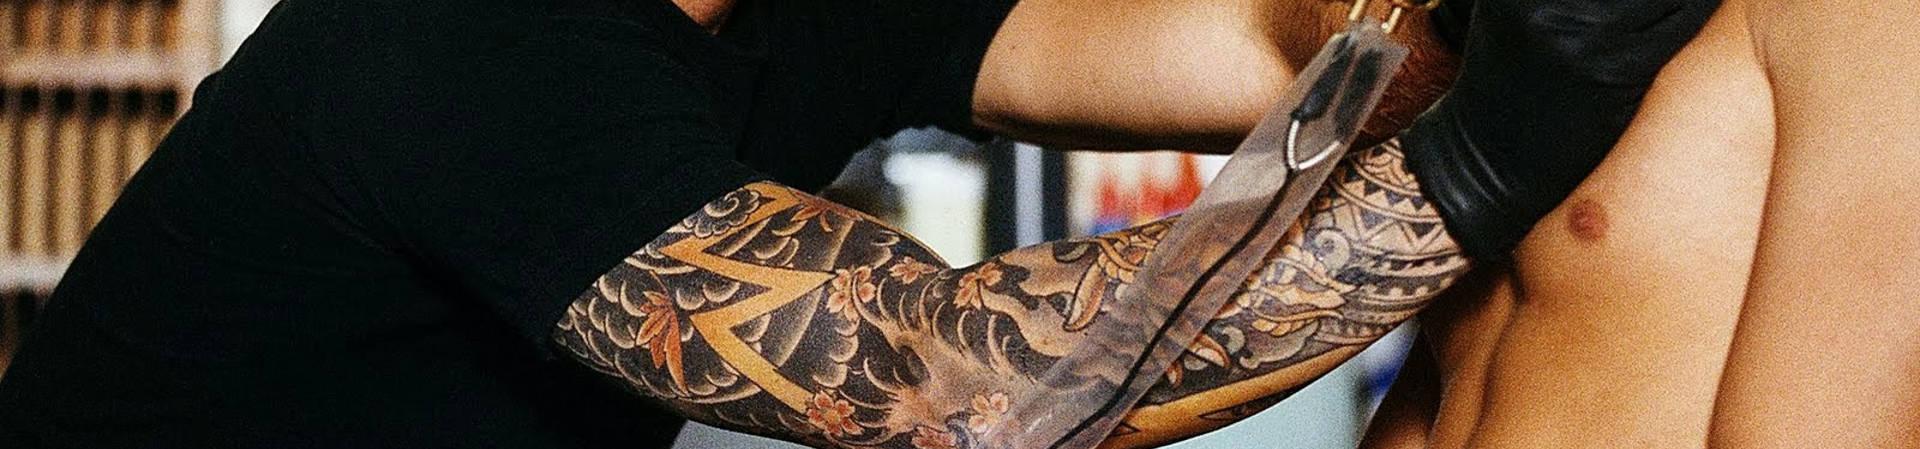 Los 10 mejores tatuadores en blanes girona precios for Los mejores tatuadores